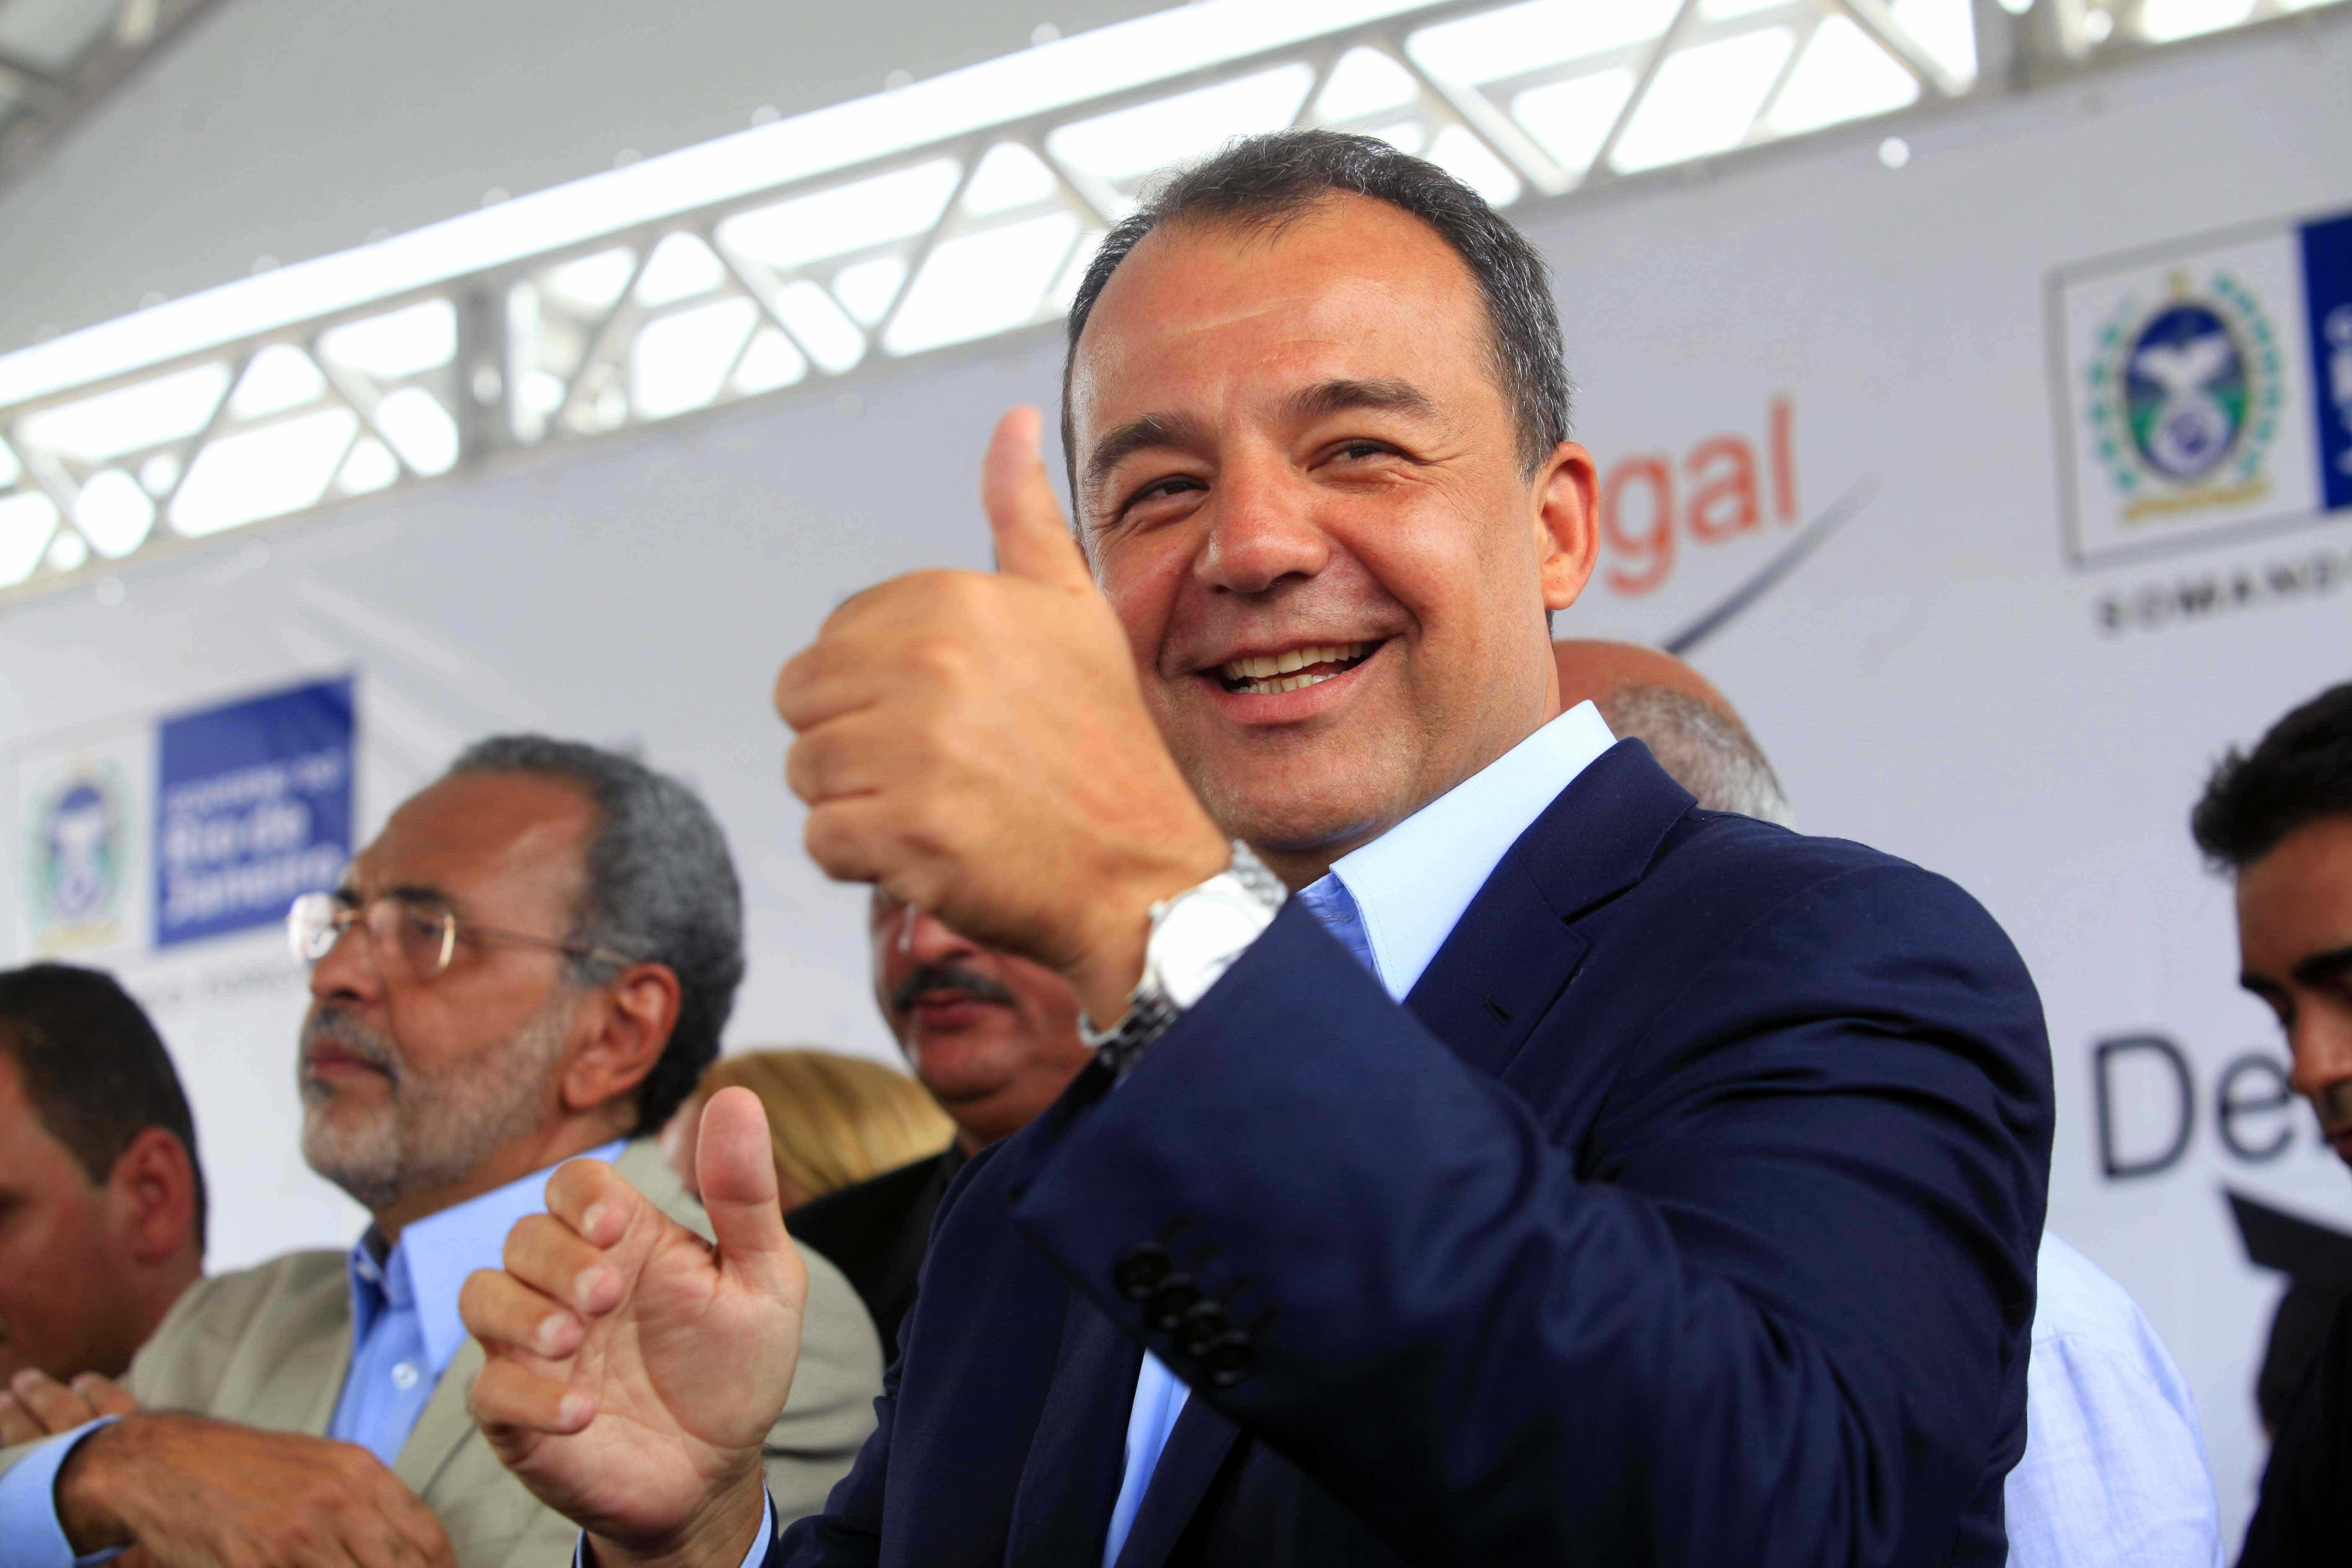 Juíza bloqueia bens de Cabral, Pezão, Picciani e outros por improbidade